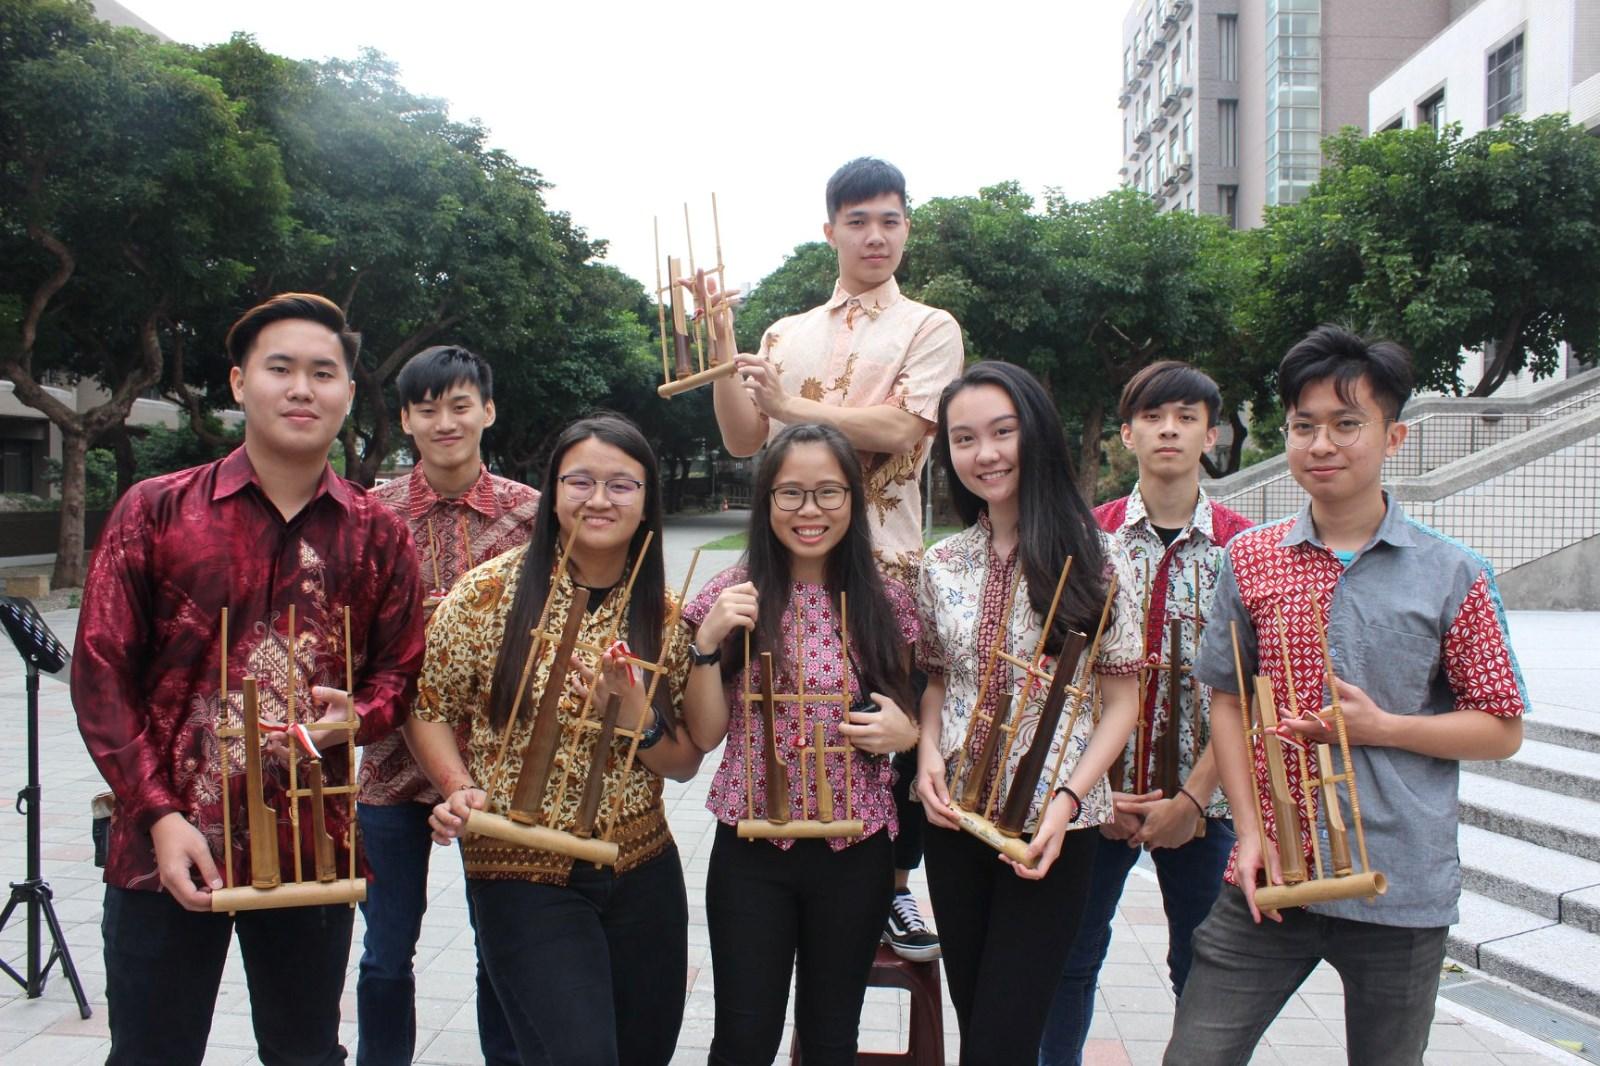 中原大學印尼學生用傳統樂器【Angklung】帶來精采演出.jpg